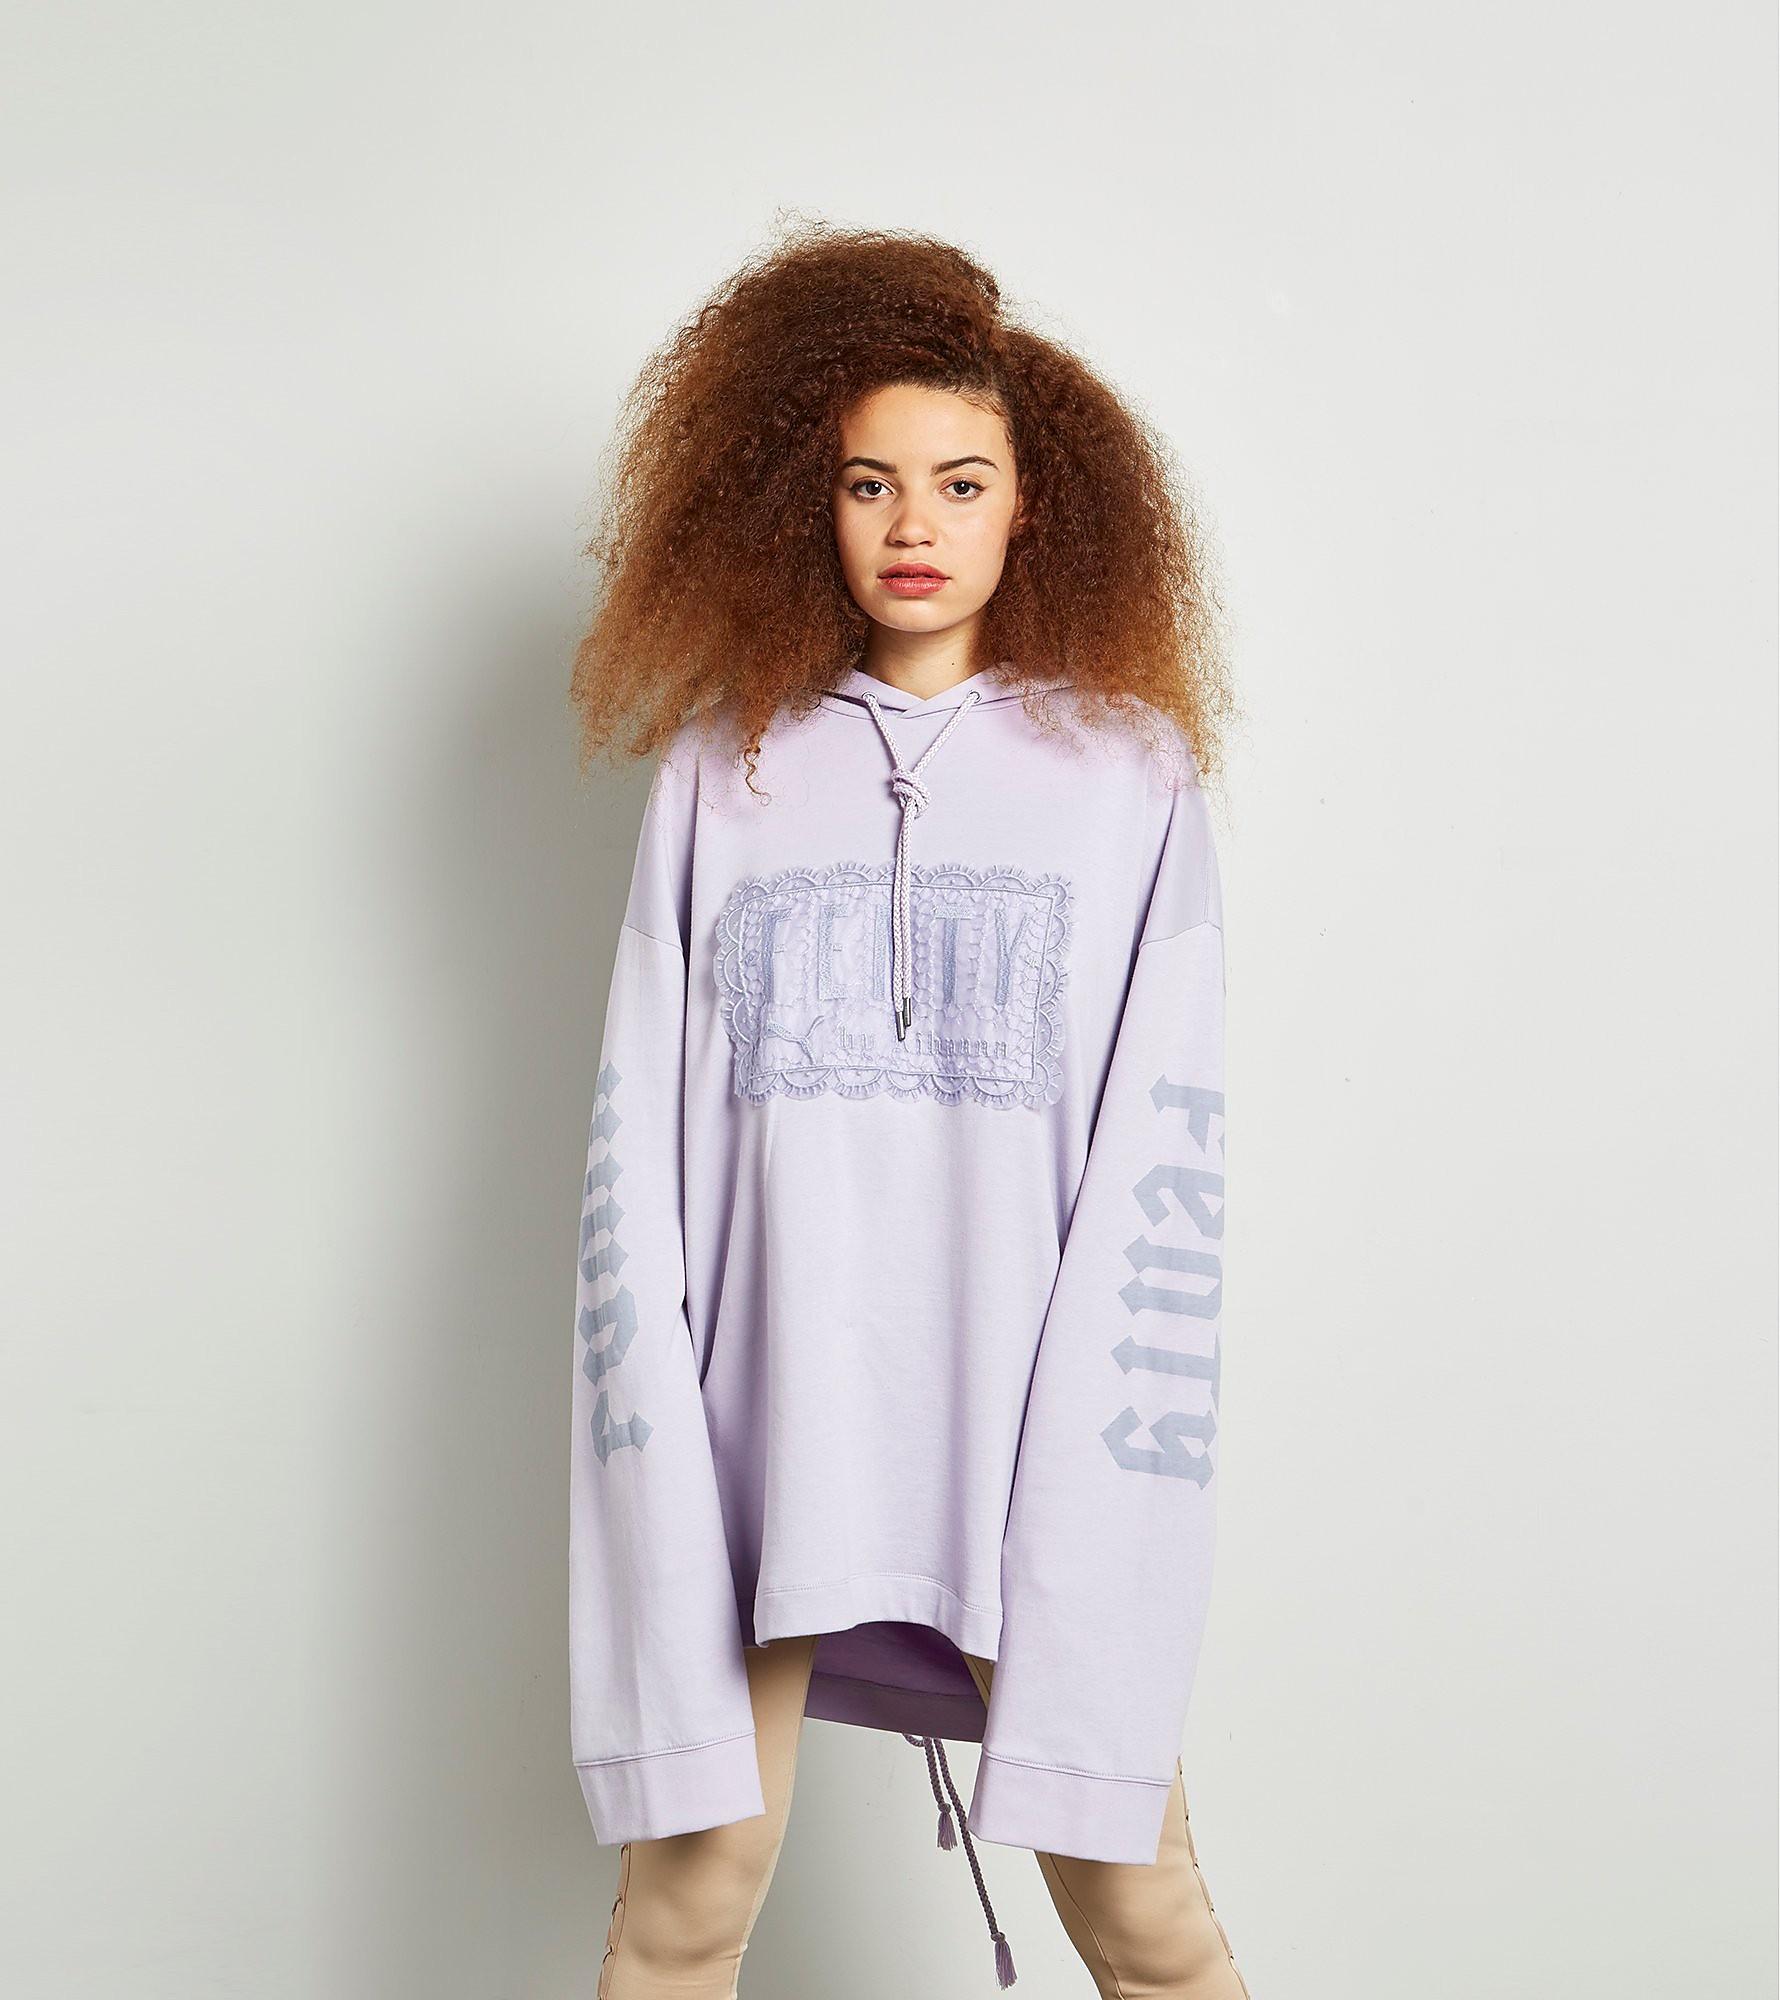 PUMA x Fenty Lace Hoody